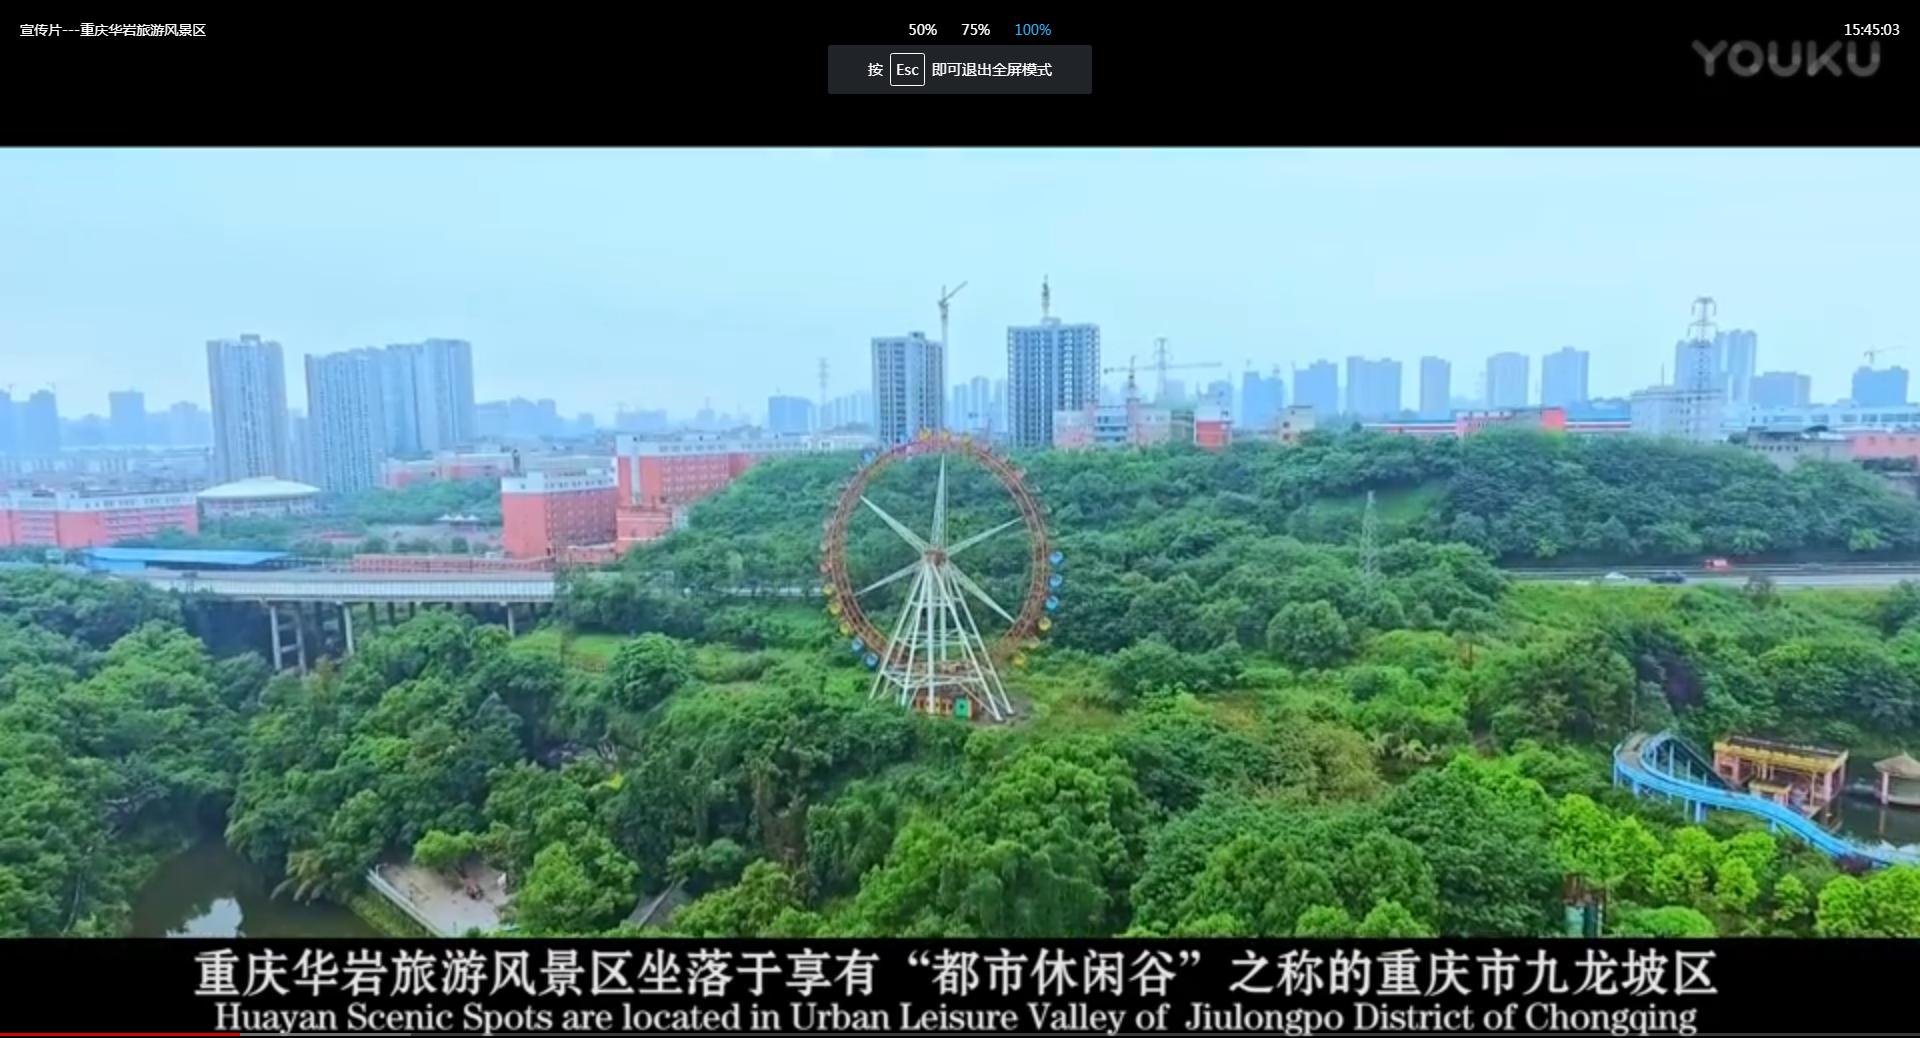 重庆华岩旅游风景区宣传片-形象宣传